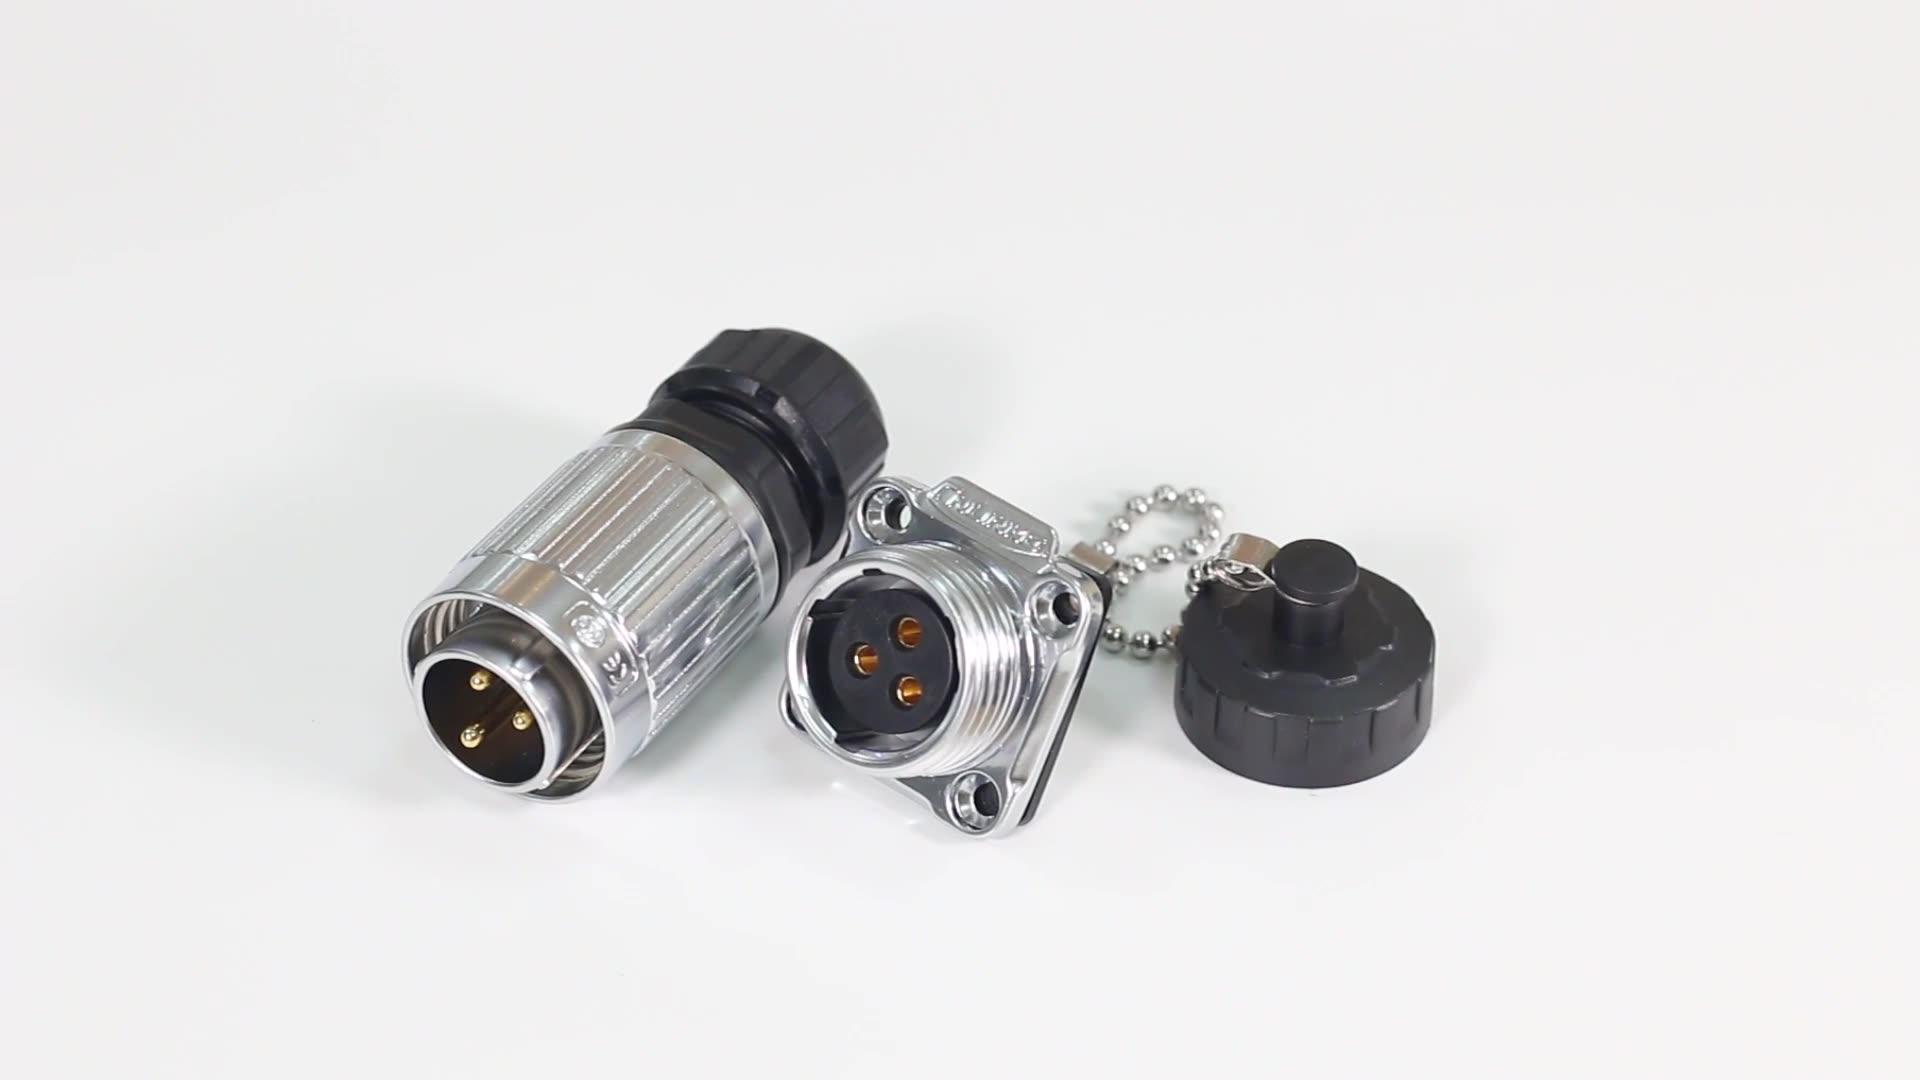 YW-20 4 pin dairesel vida su geçirmez güç fiş konnektörü ile ip67 koruma seviyesi